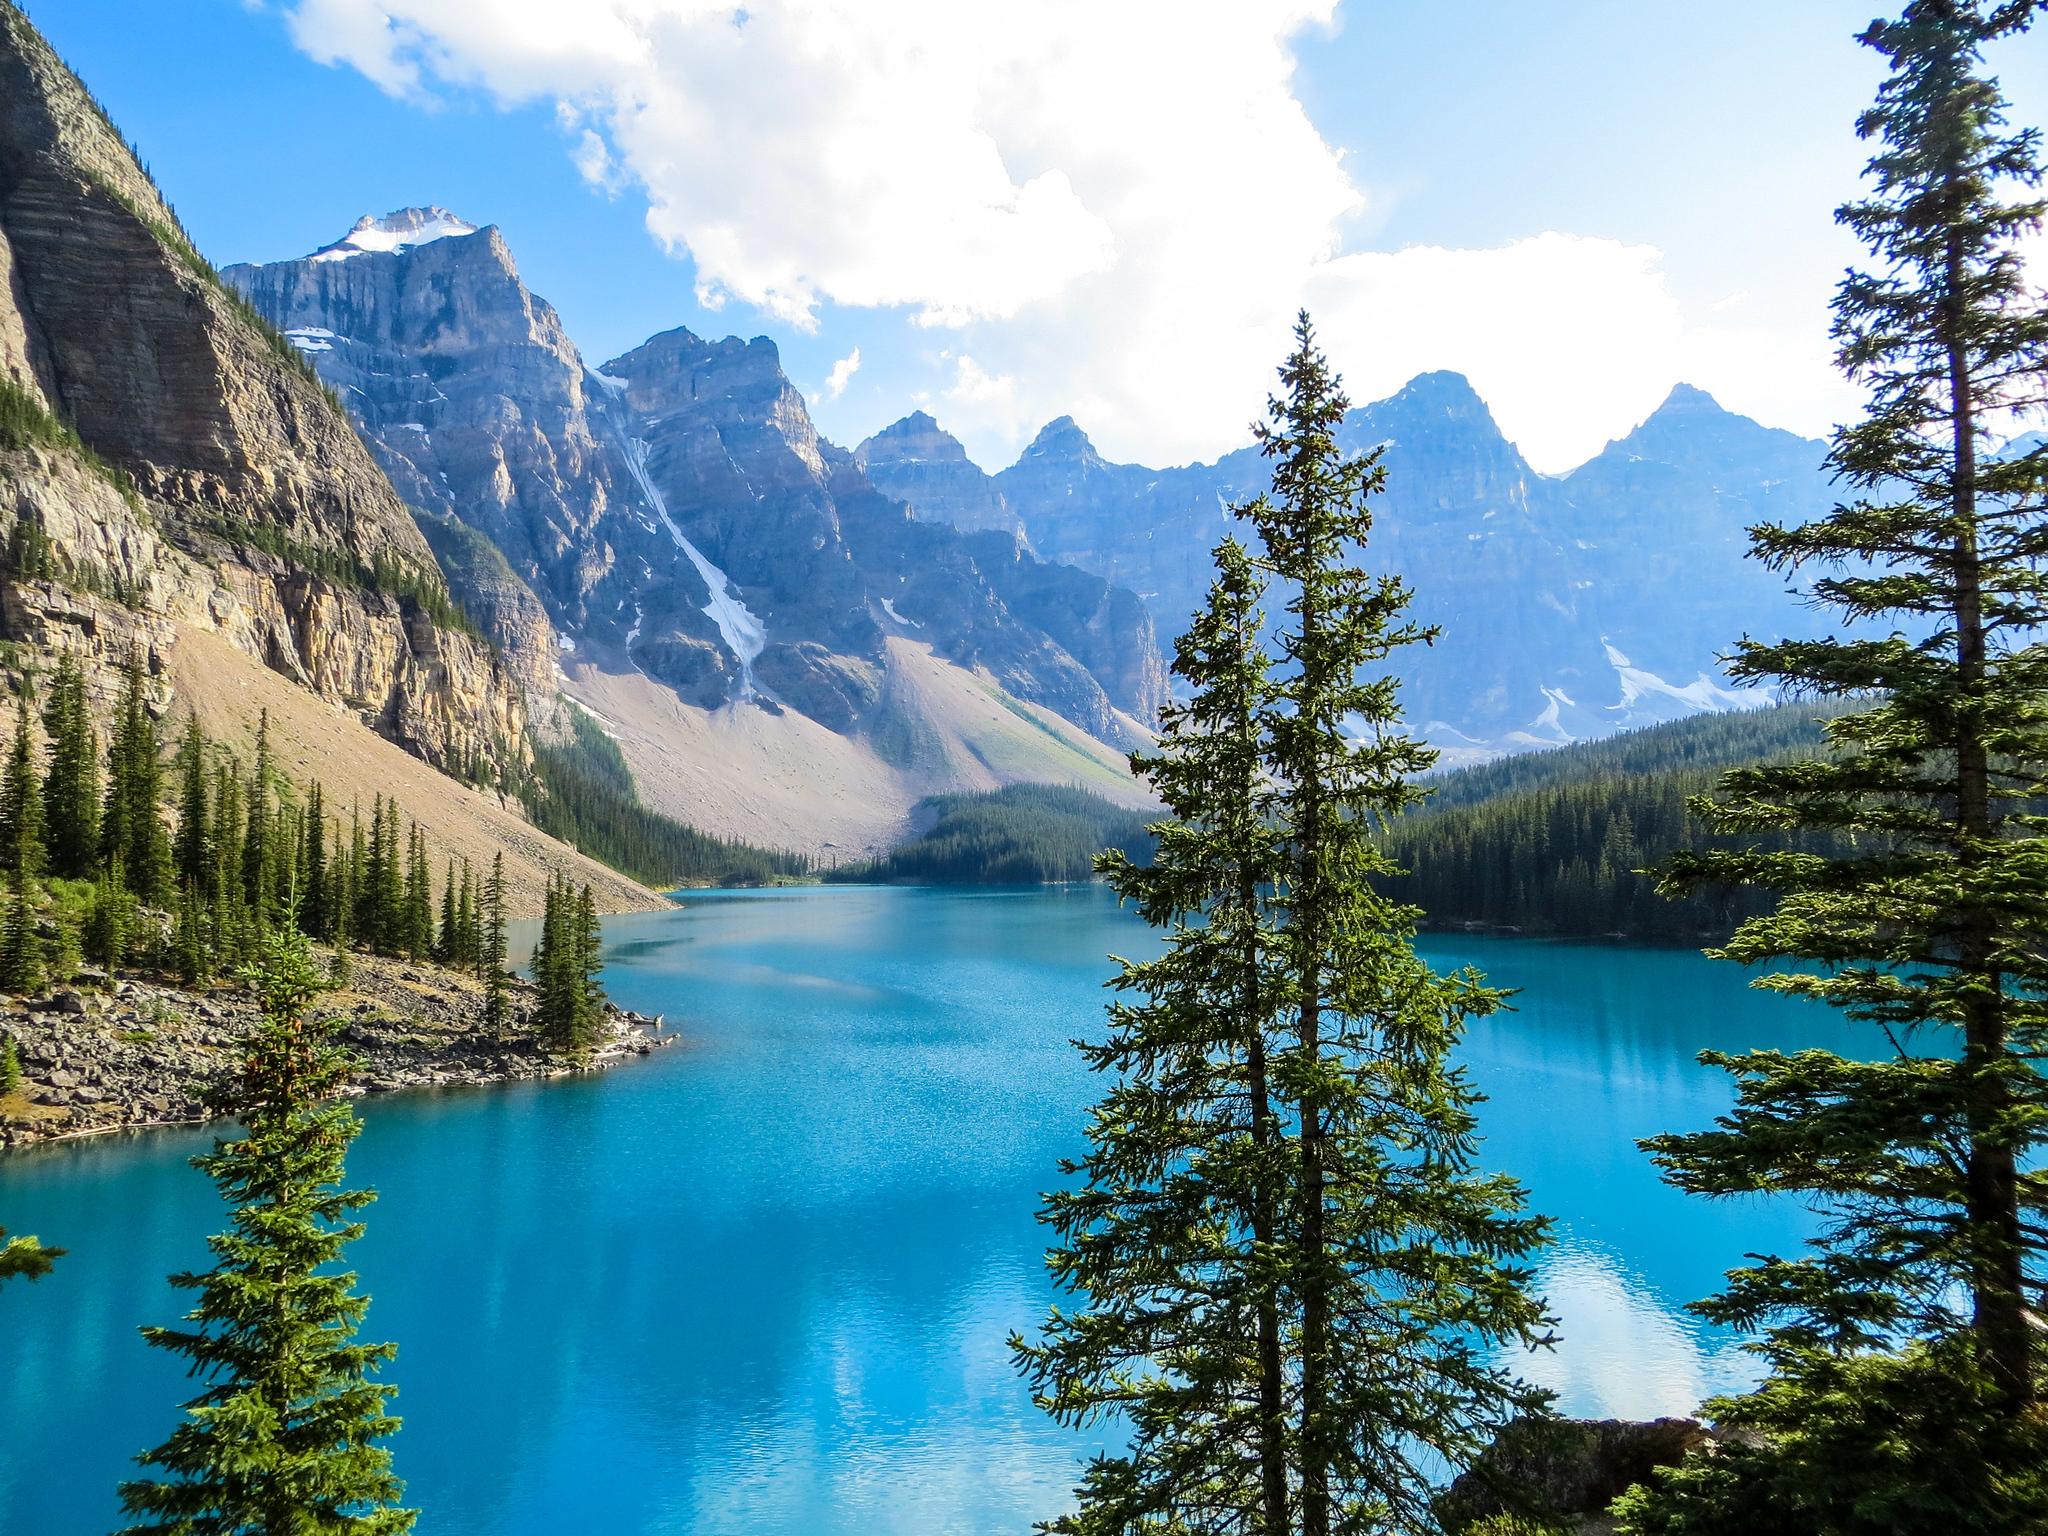 take a healing trip to the gorgeous mountains